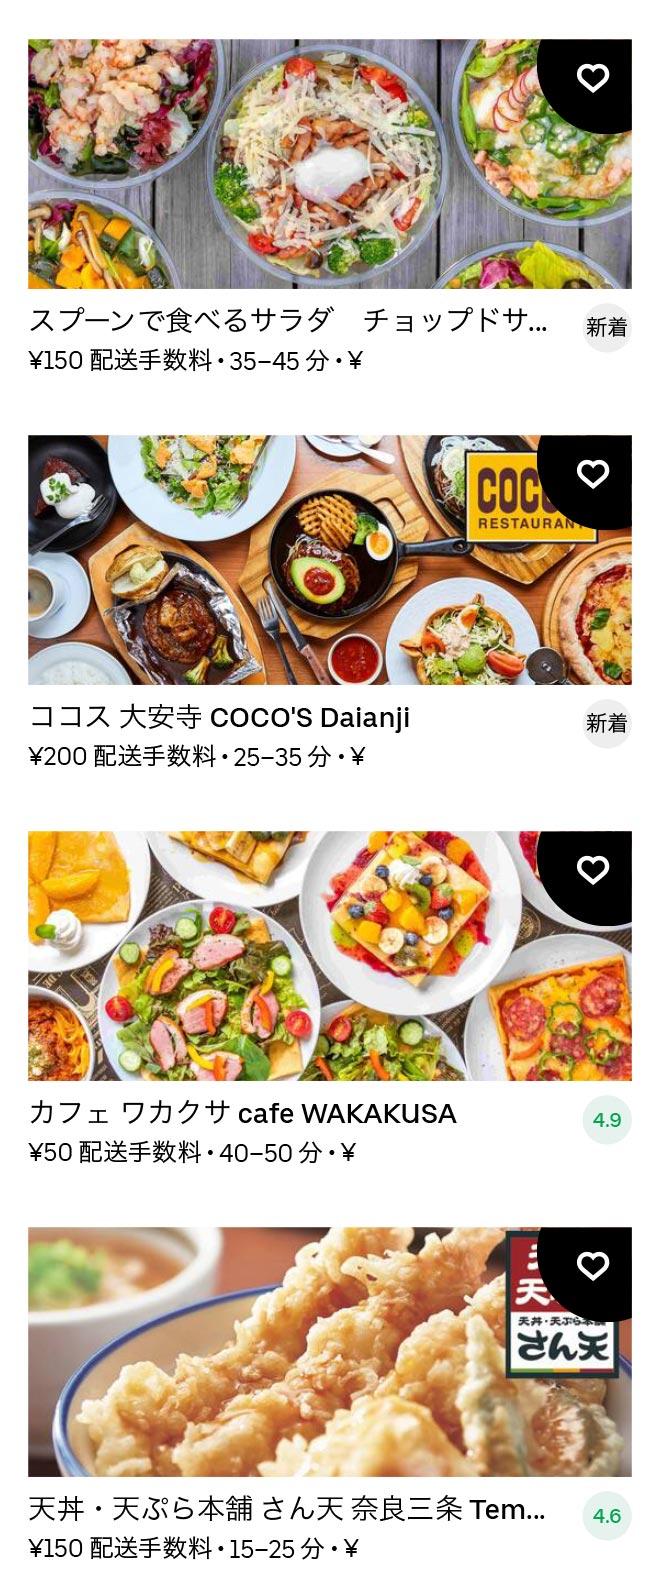 Nara menu 2011 06